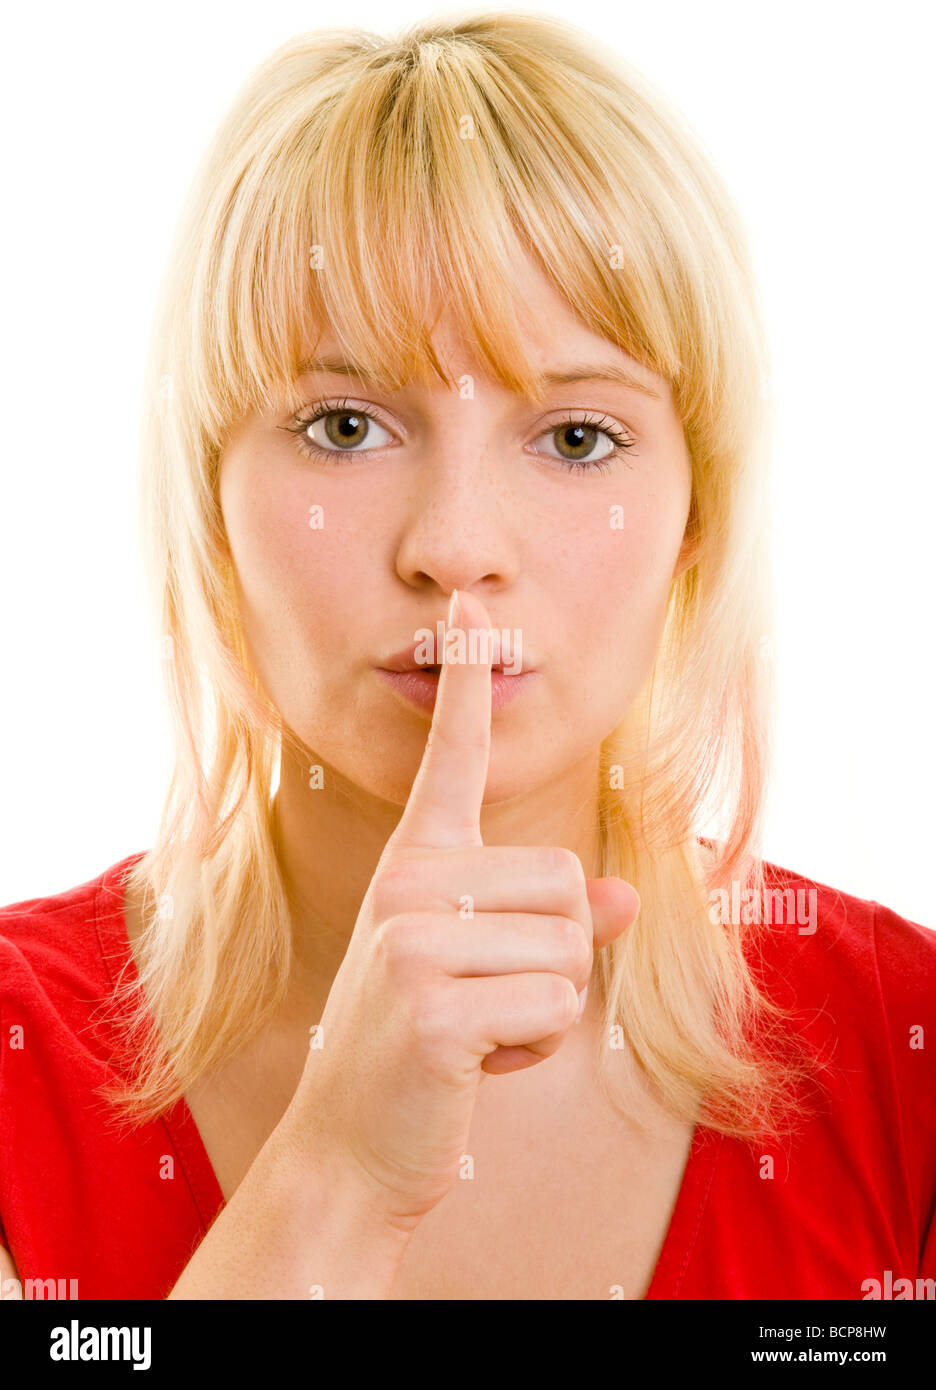 Junge Frau Legt Den Zeigefinger Auf Den Mund Stockbild